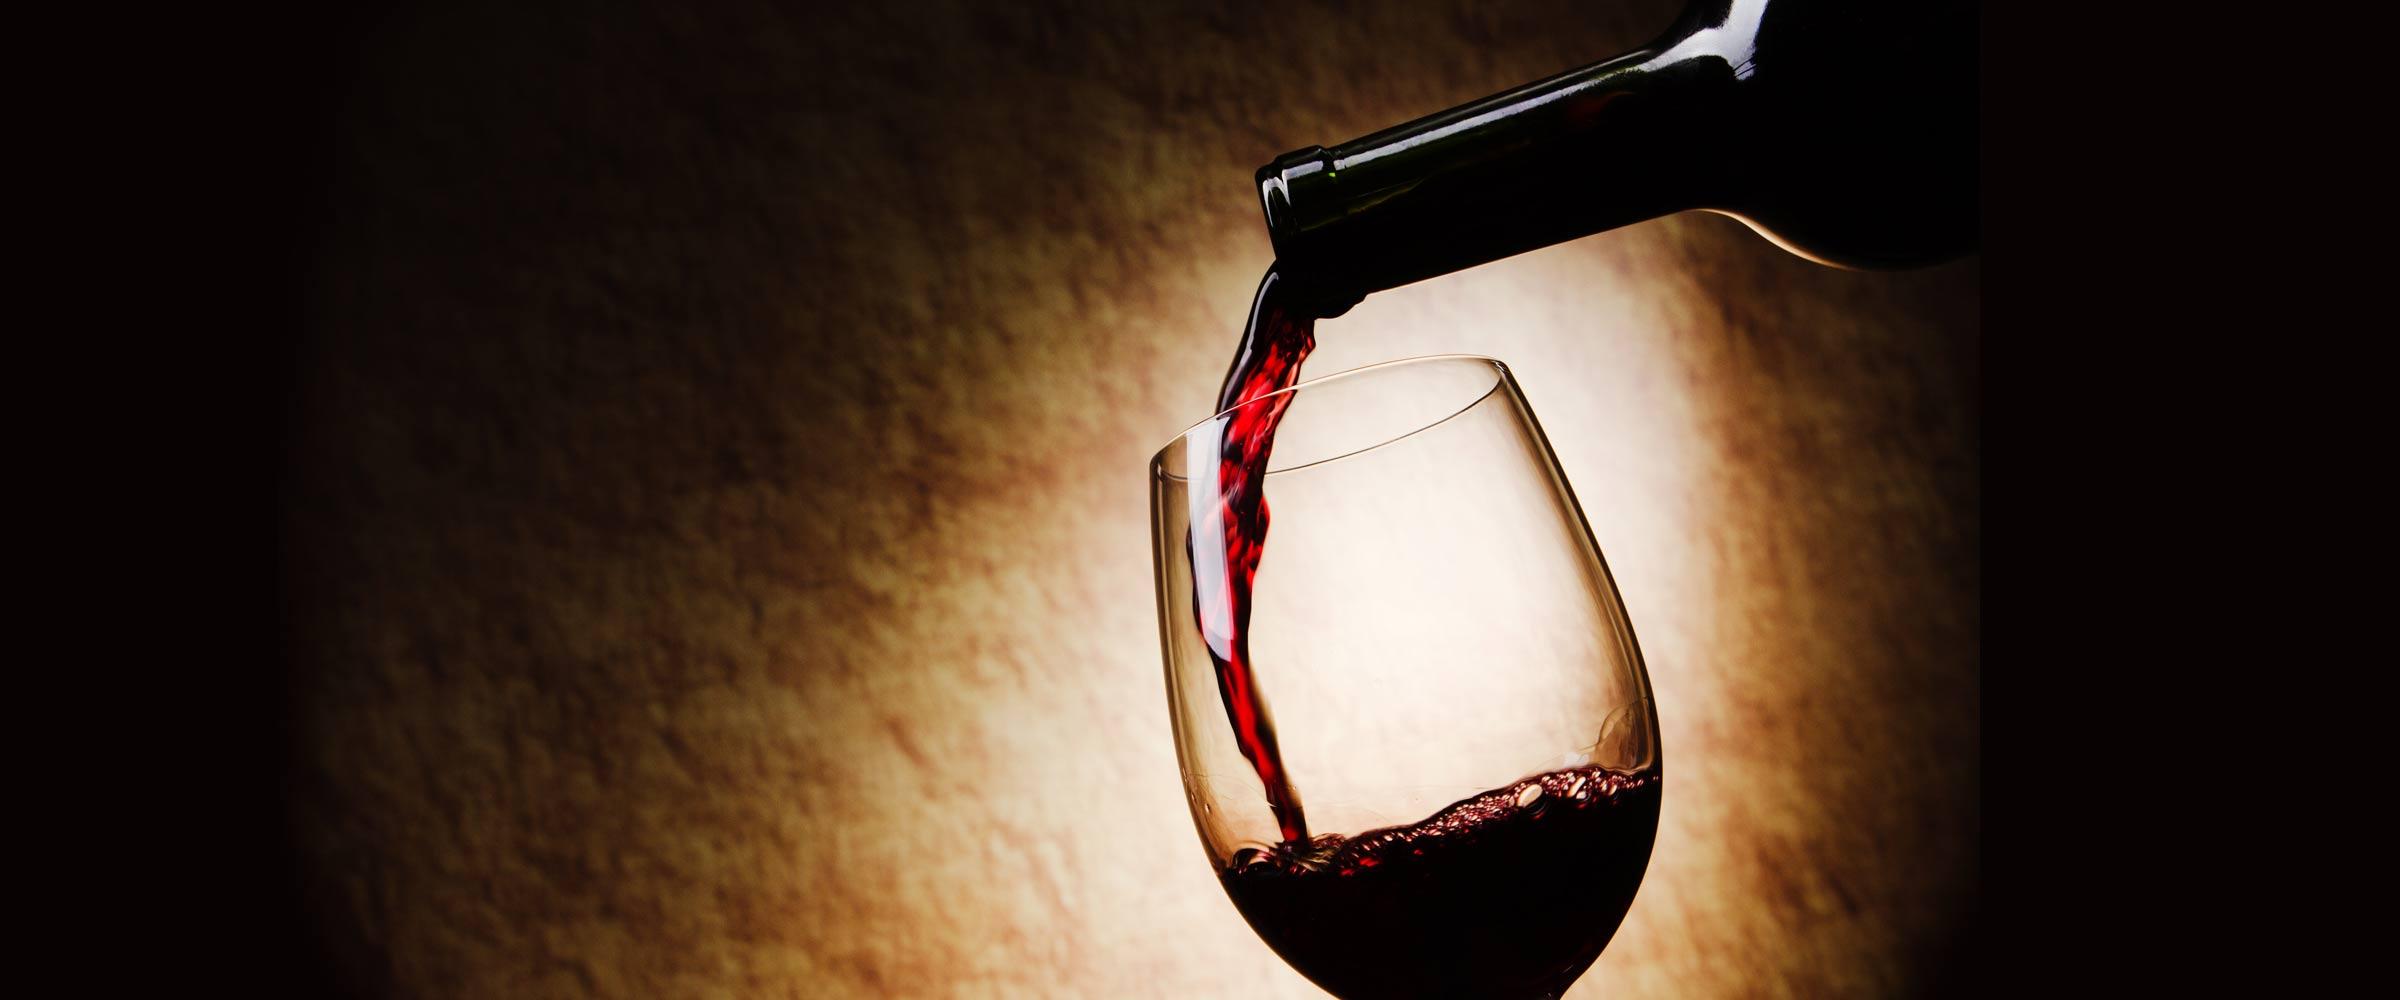 В пабах редко пьют вино